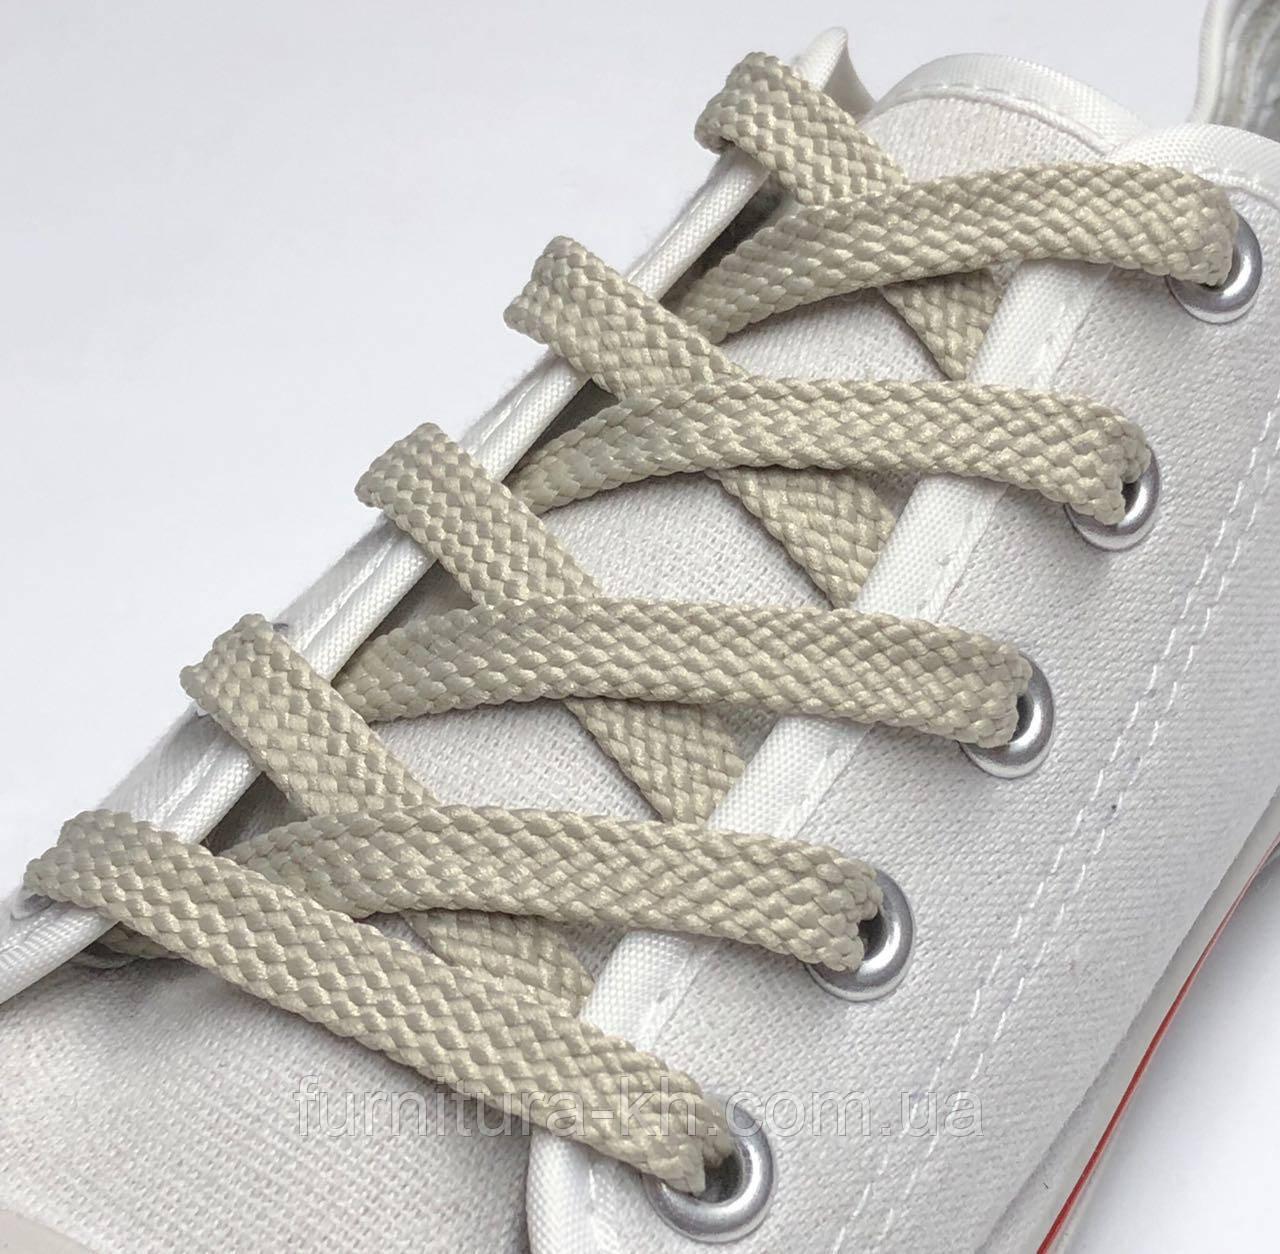 Шнурок Простой Плоский Длинна 1,2 м  цвет Светло Бежевый  (ширина 7 мм)